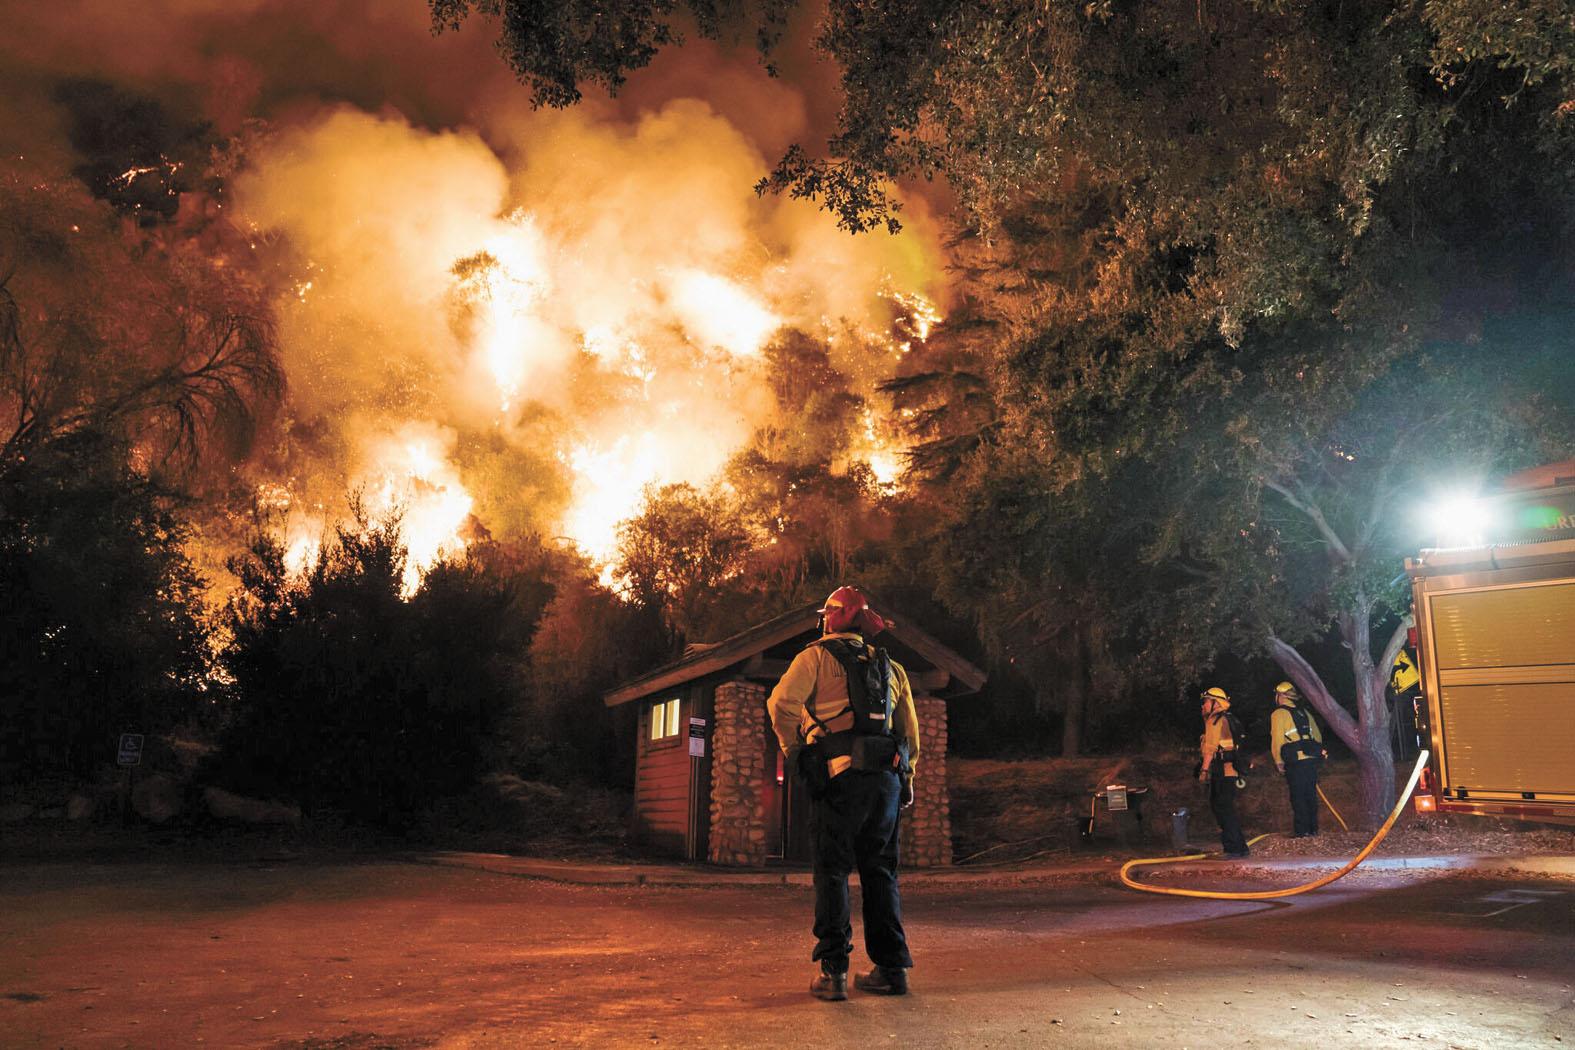 南加州消防員連夜先燒出一道阻隔用的防火牆,阻止加州蒙羅維亞的山貓大火的蔓延。紐約時報